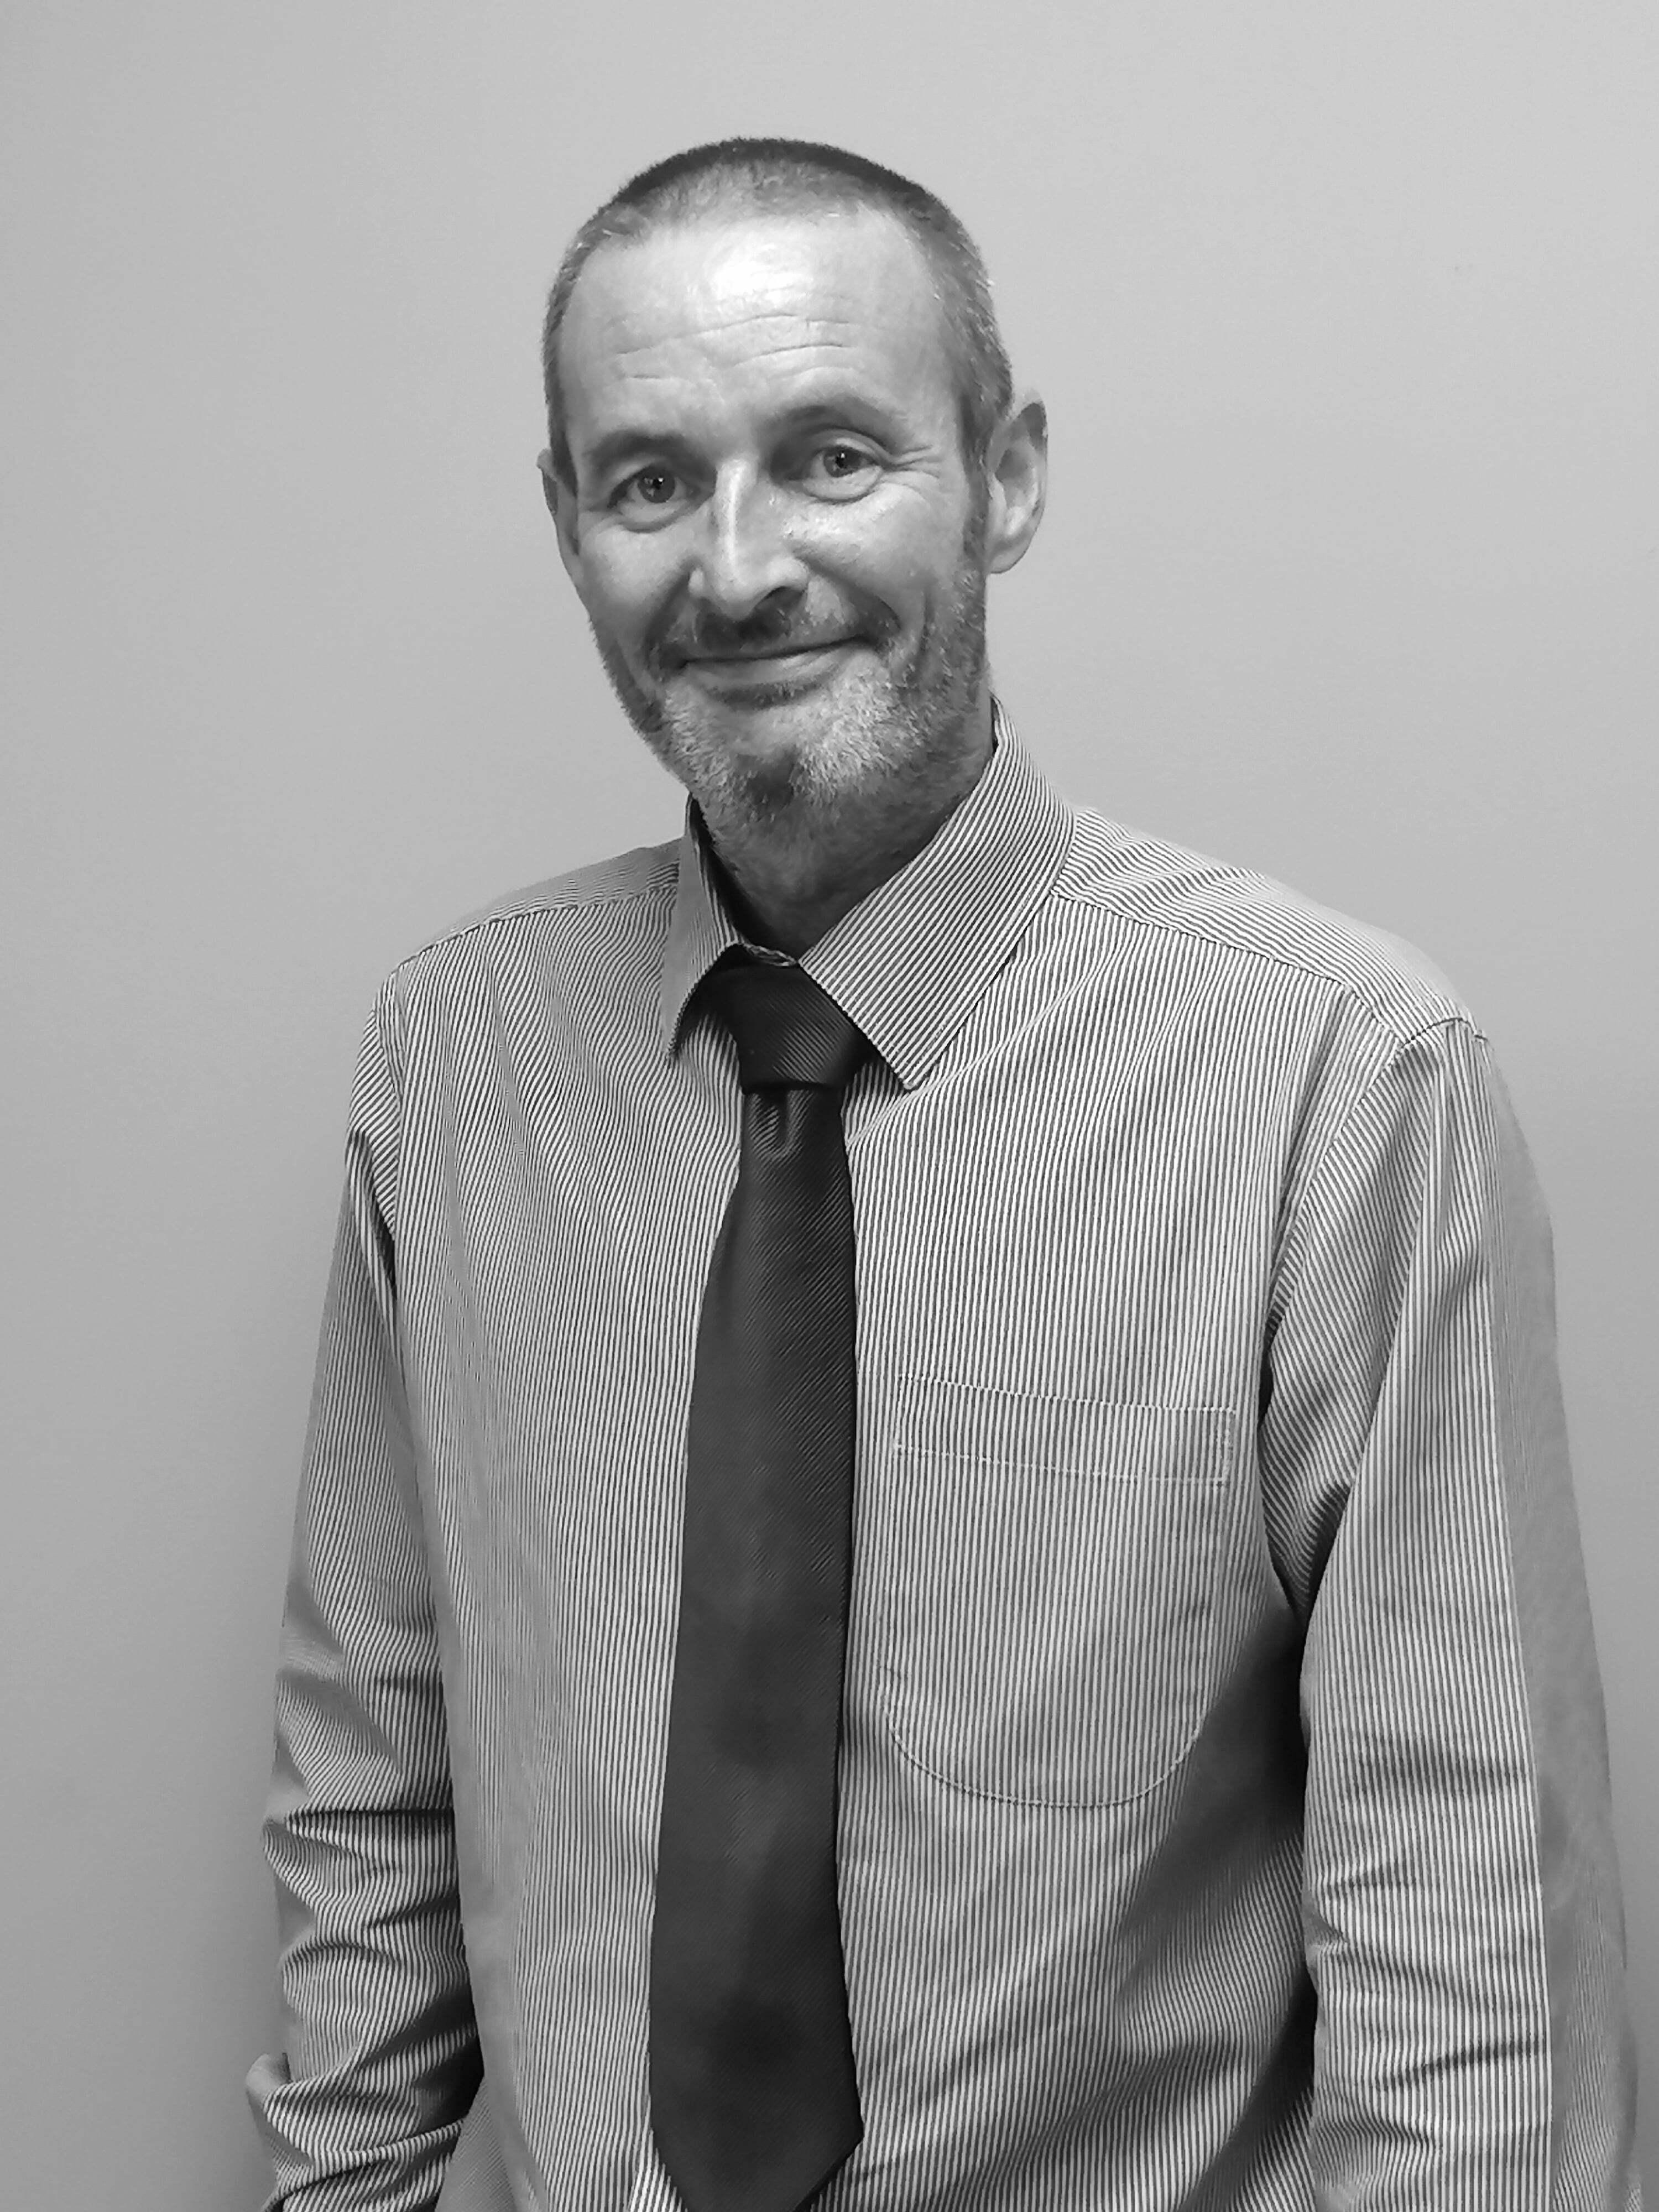 Shaun Coughlin